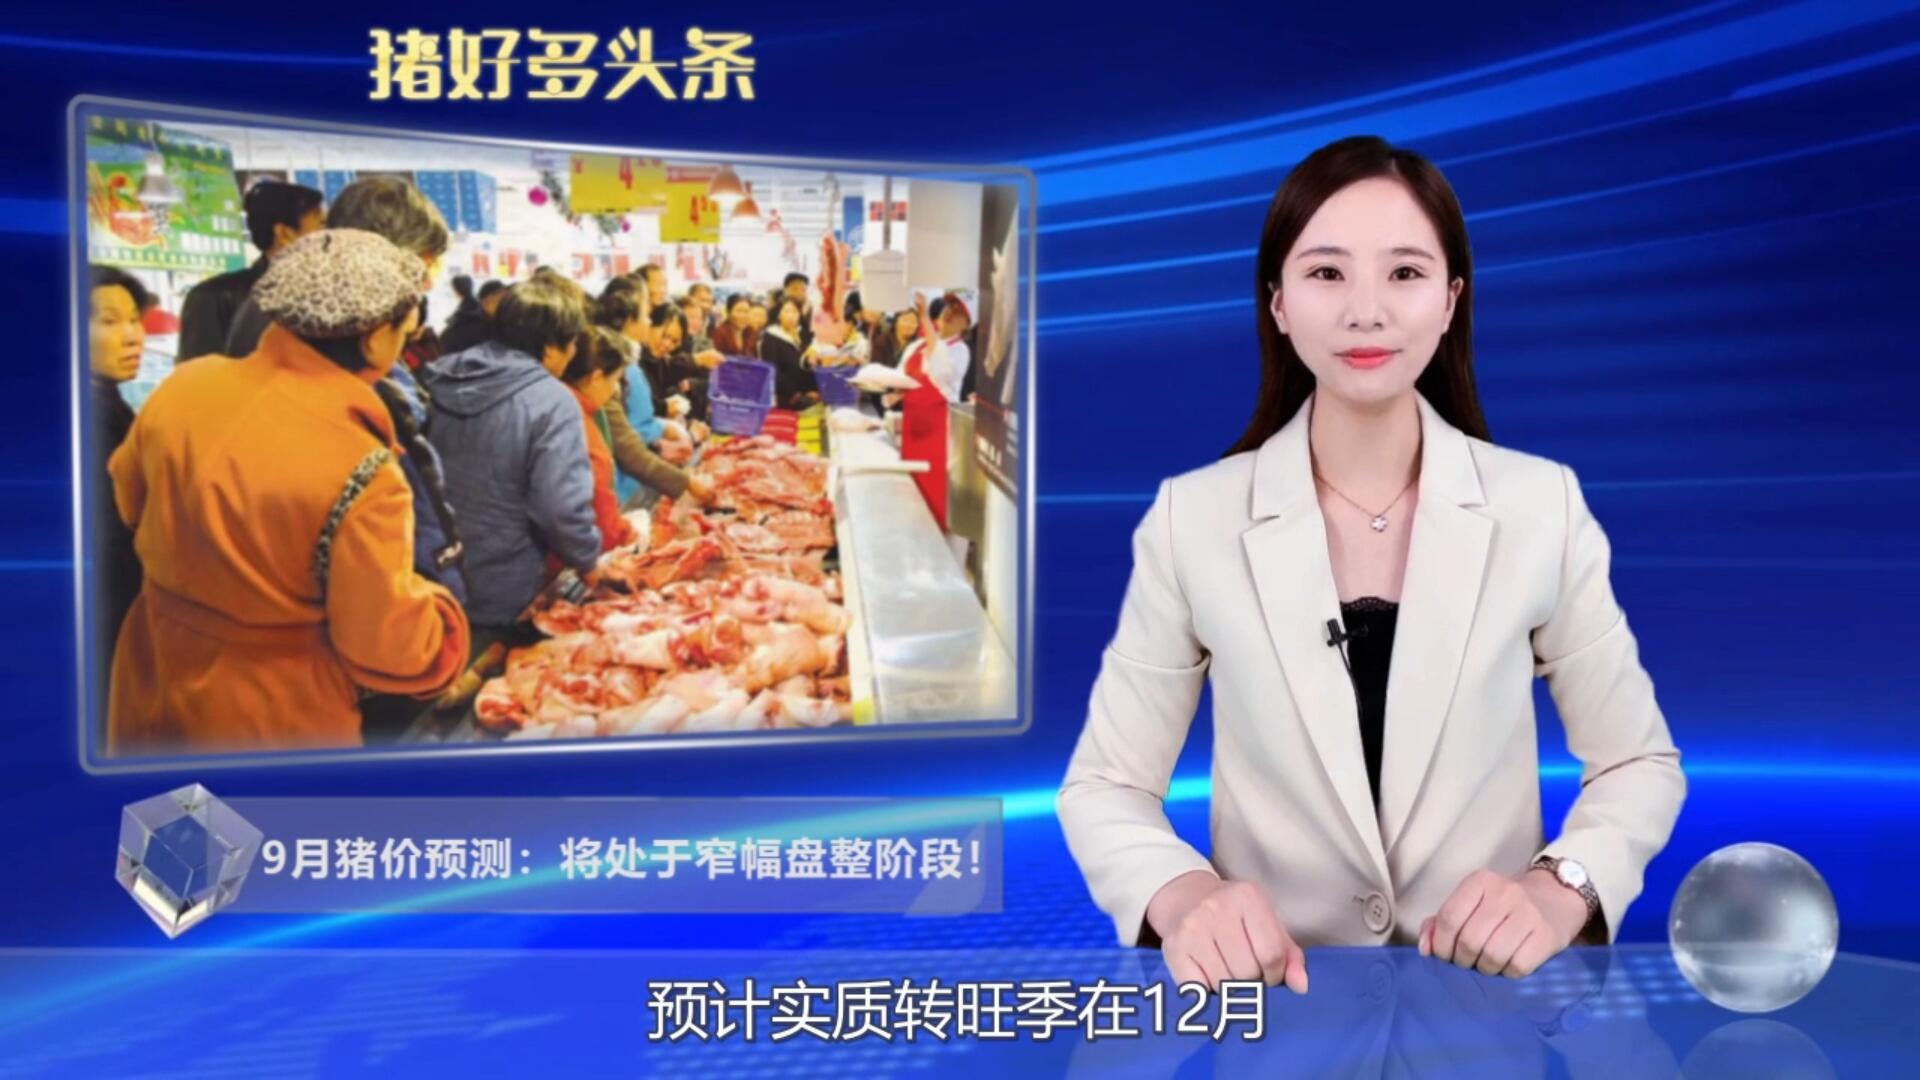 养殖端补栏意愿减弱,仔猪报价承压下行,9月猪价上涨或限行?